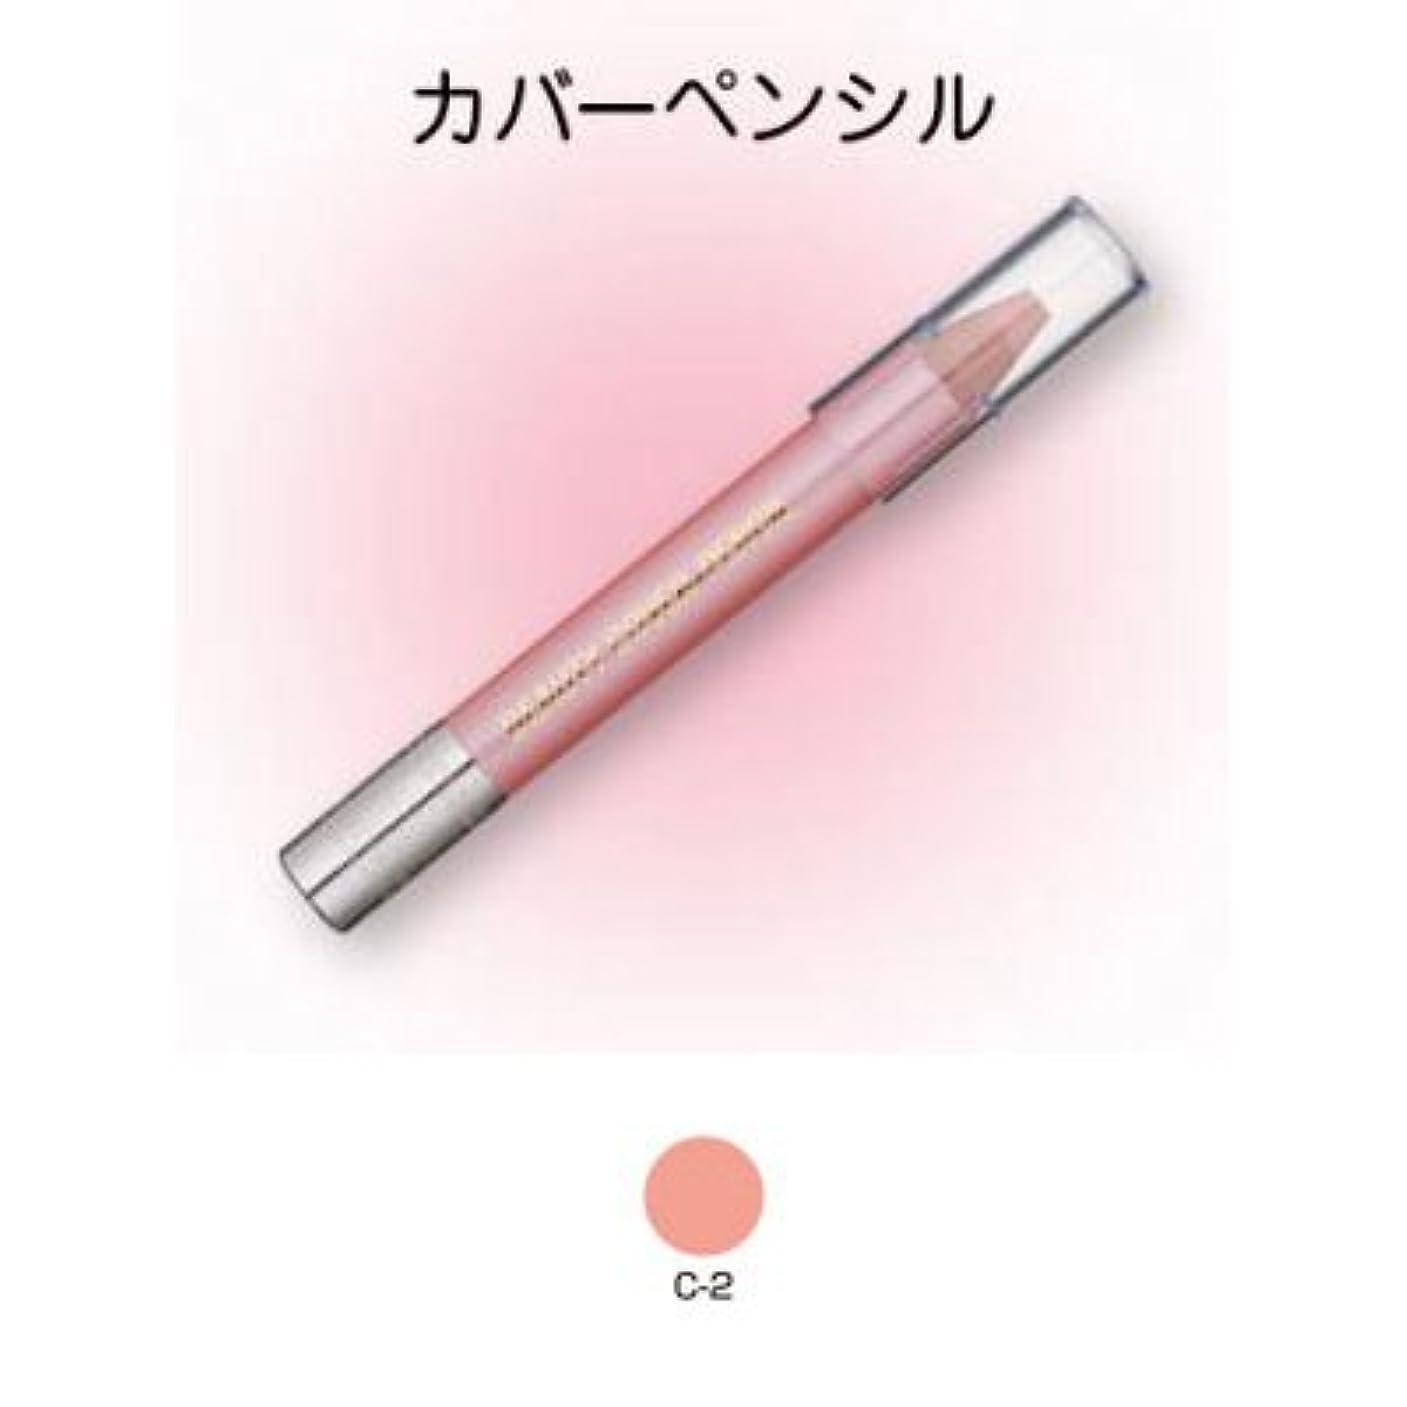 割り当てるインフレーションドライブビューティーカバーペンシル C-2【三善】